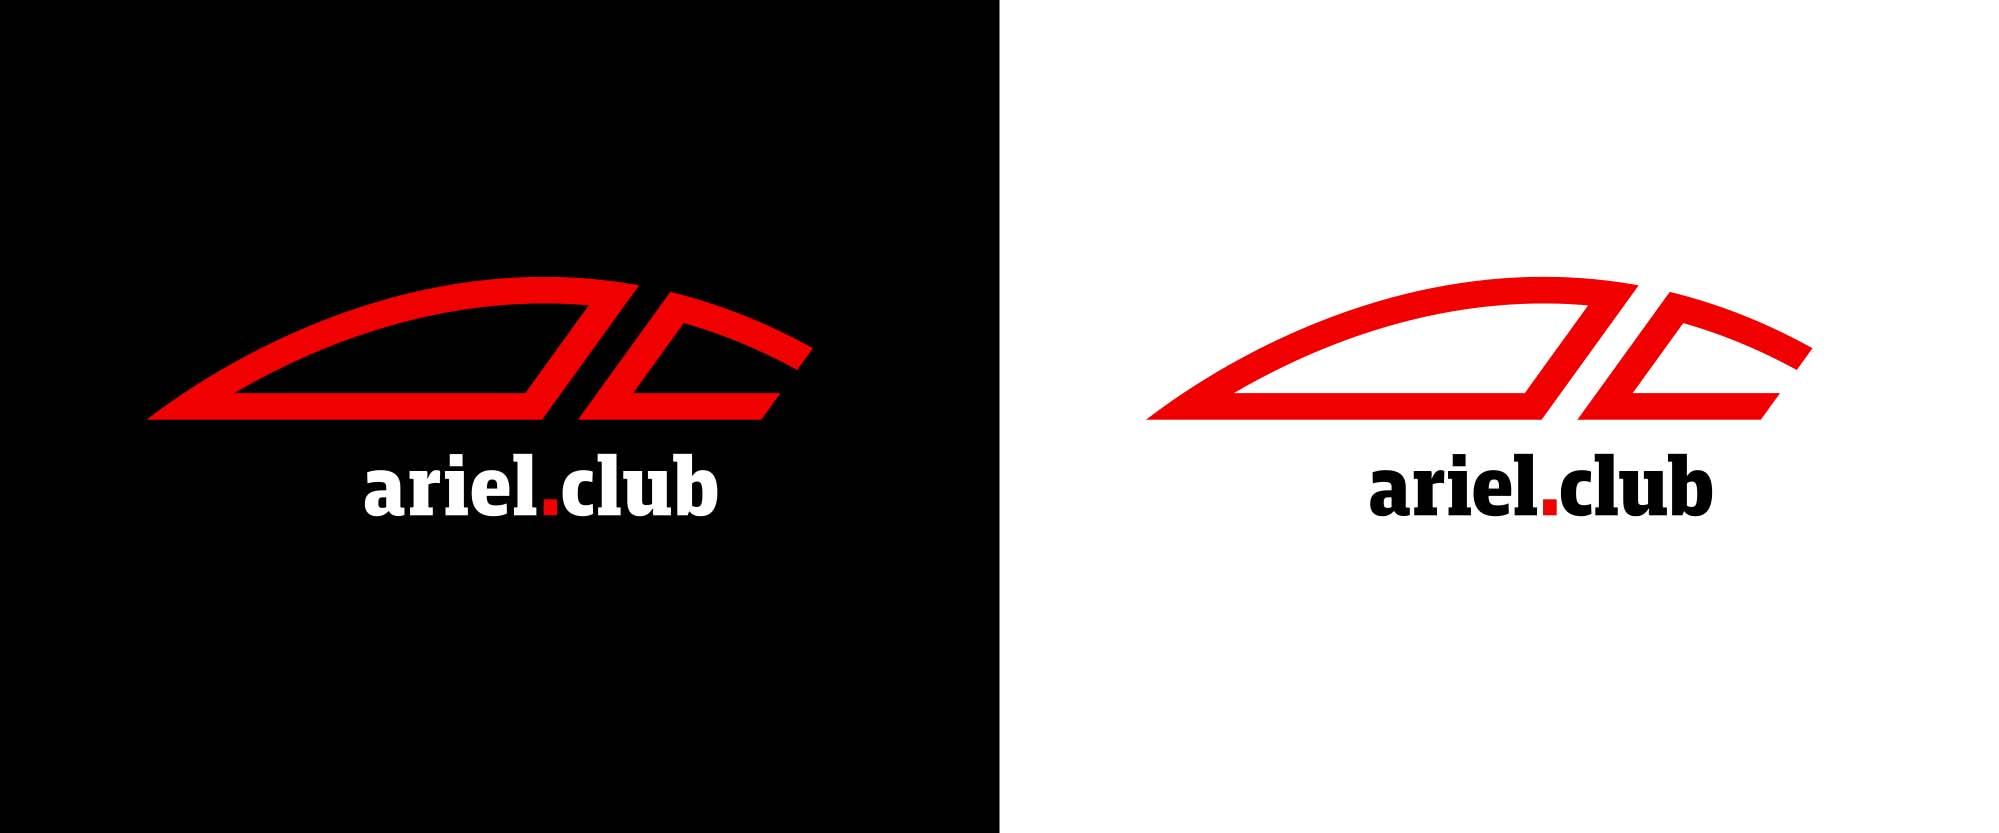 Ariel Club logo design